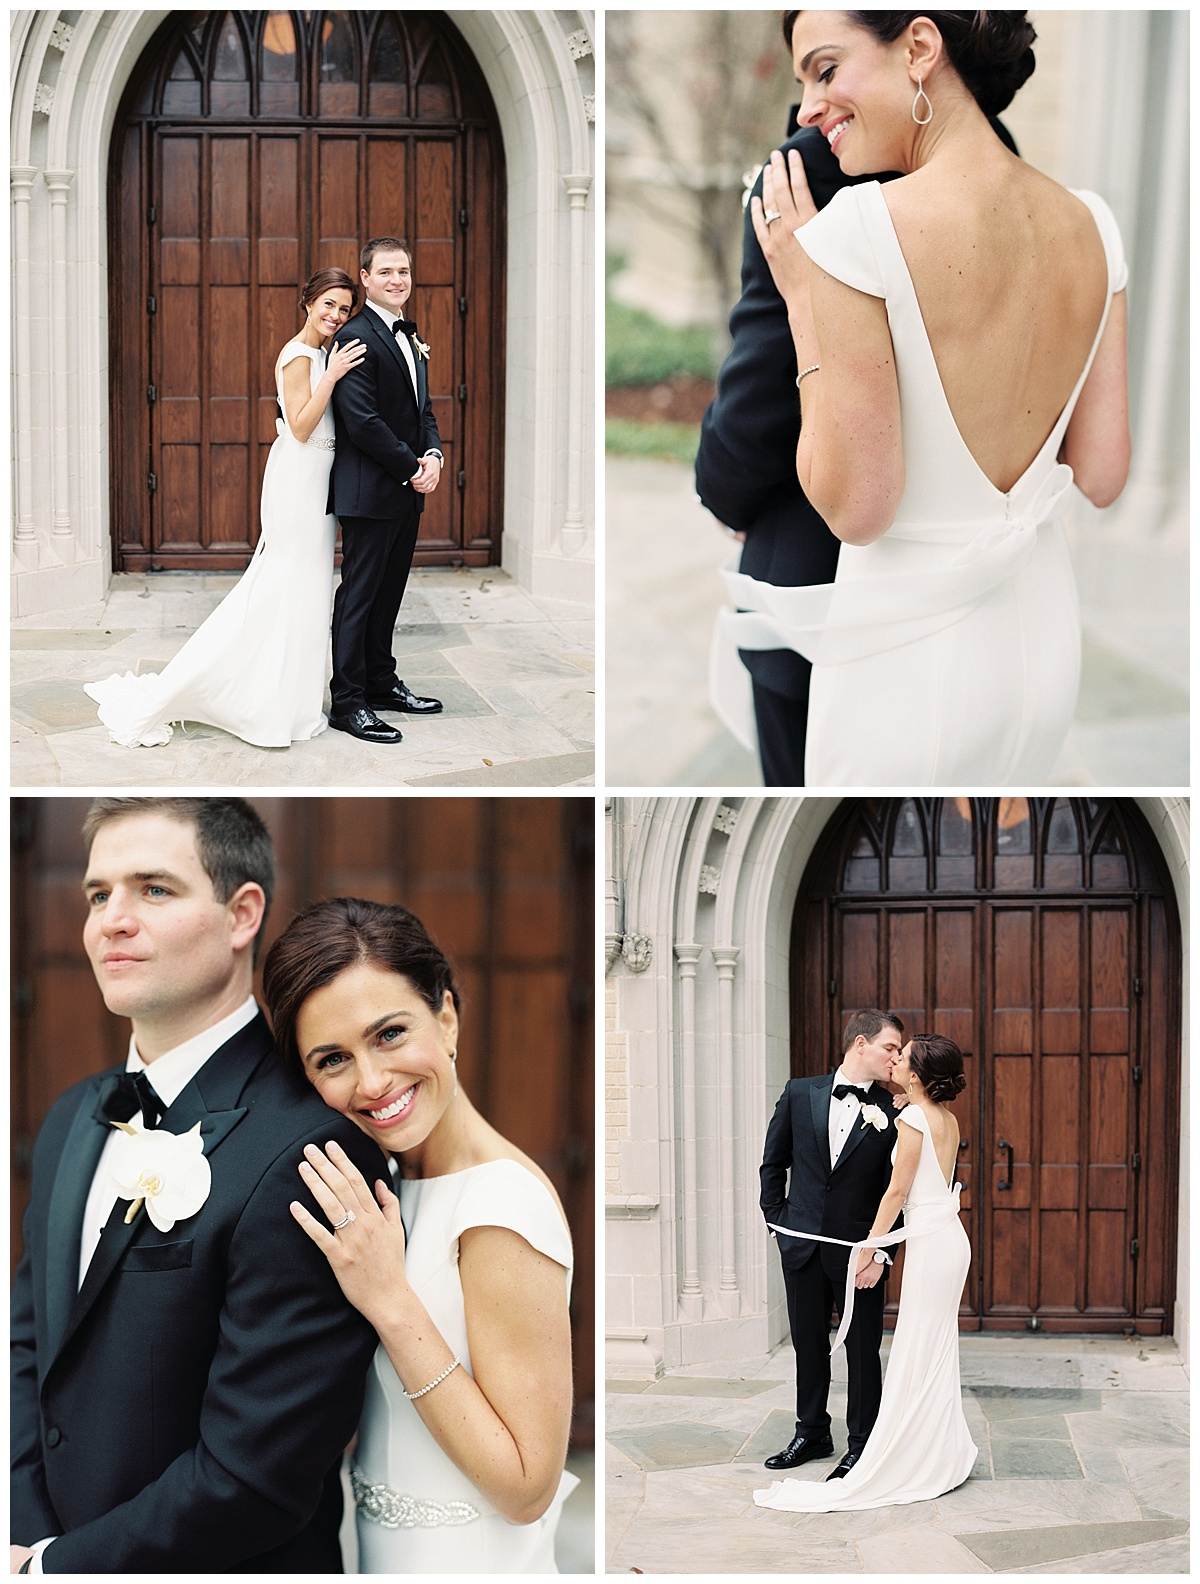 dallas-country-club-wedding-ar-photography-17.jpg